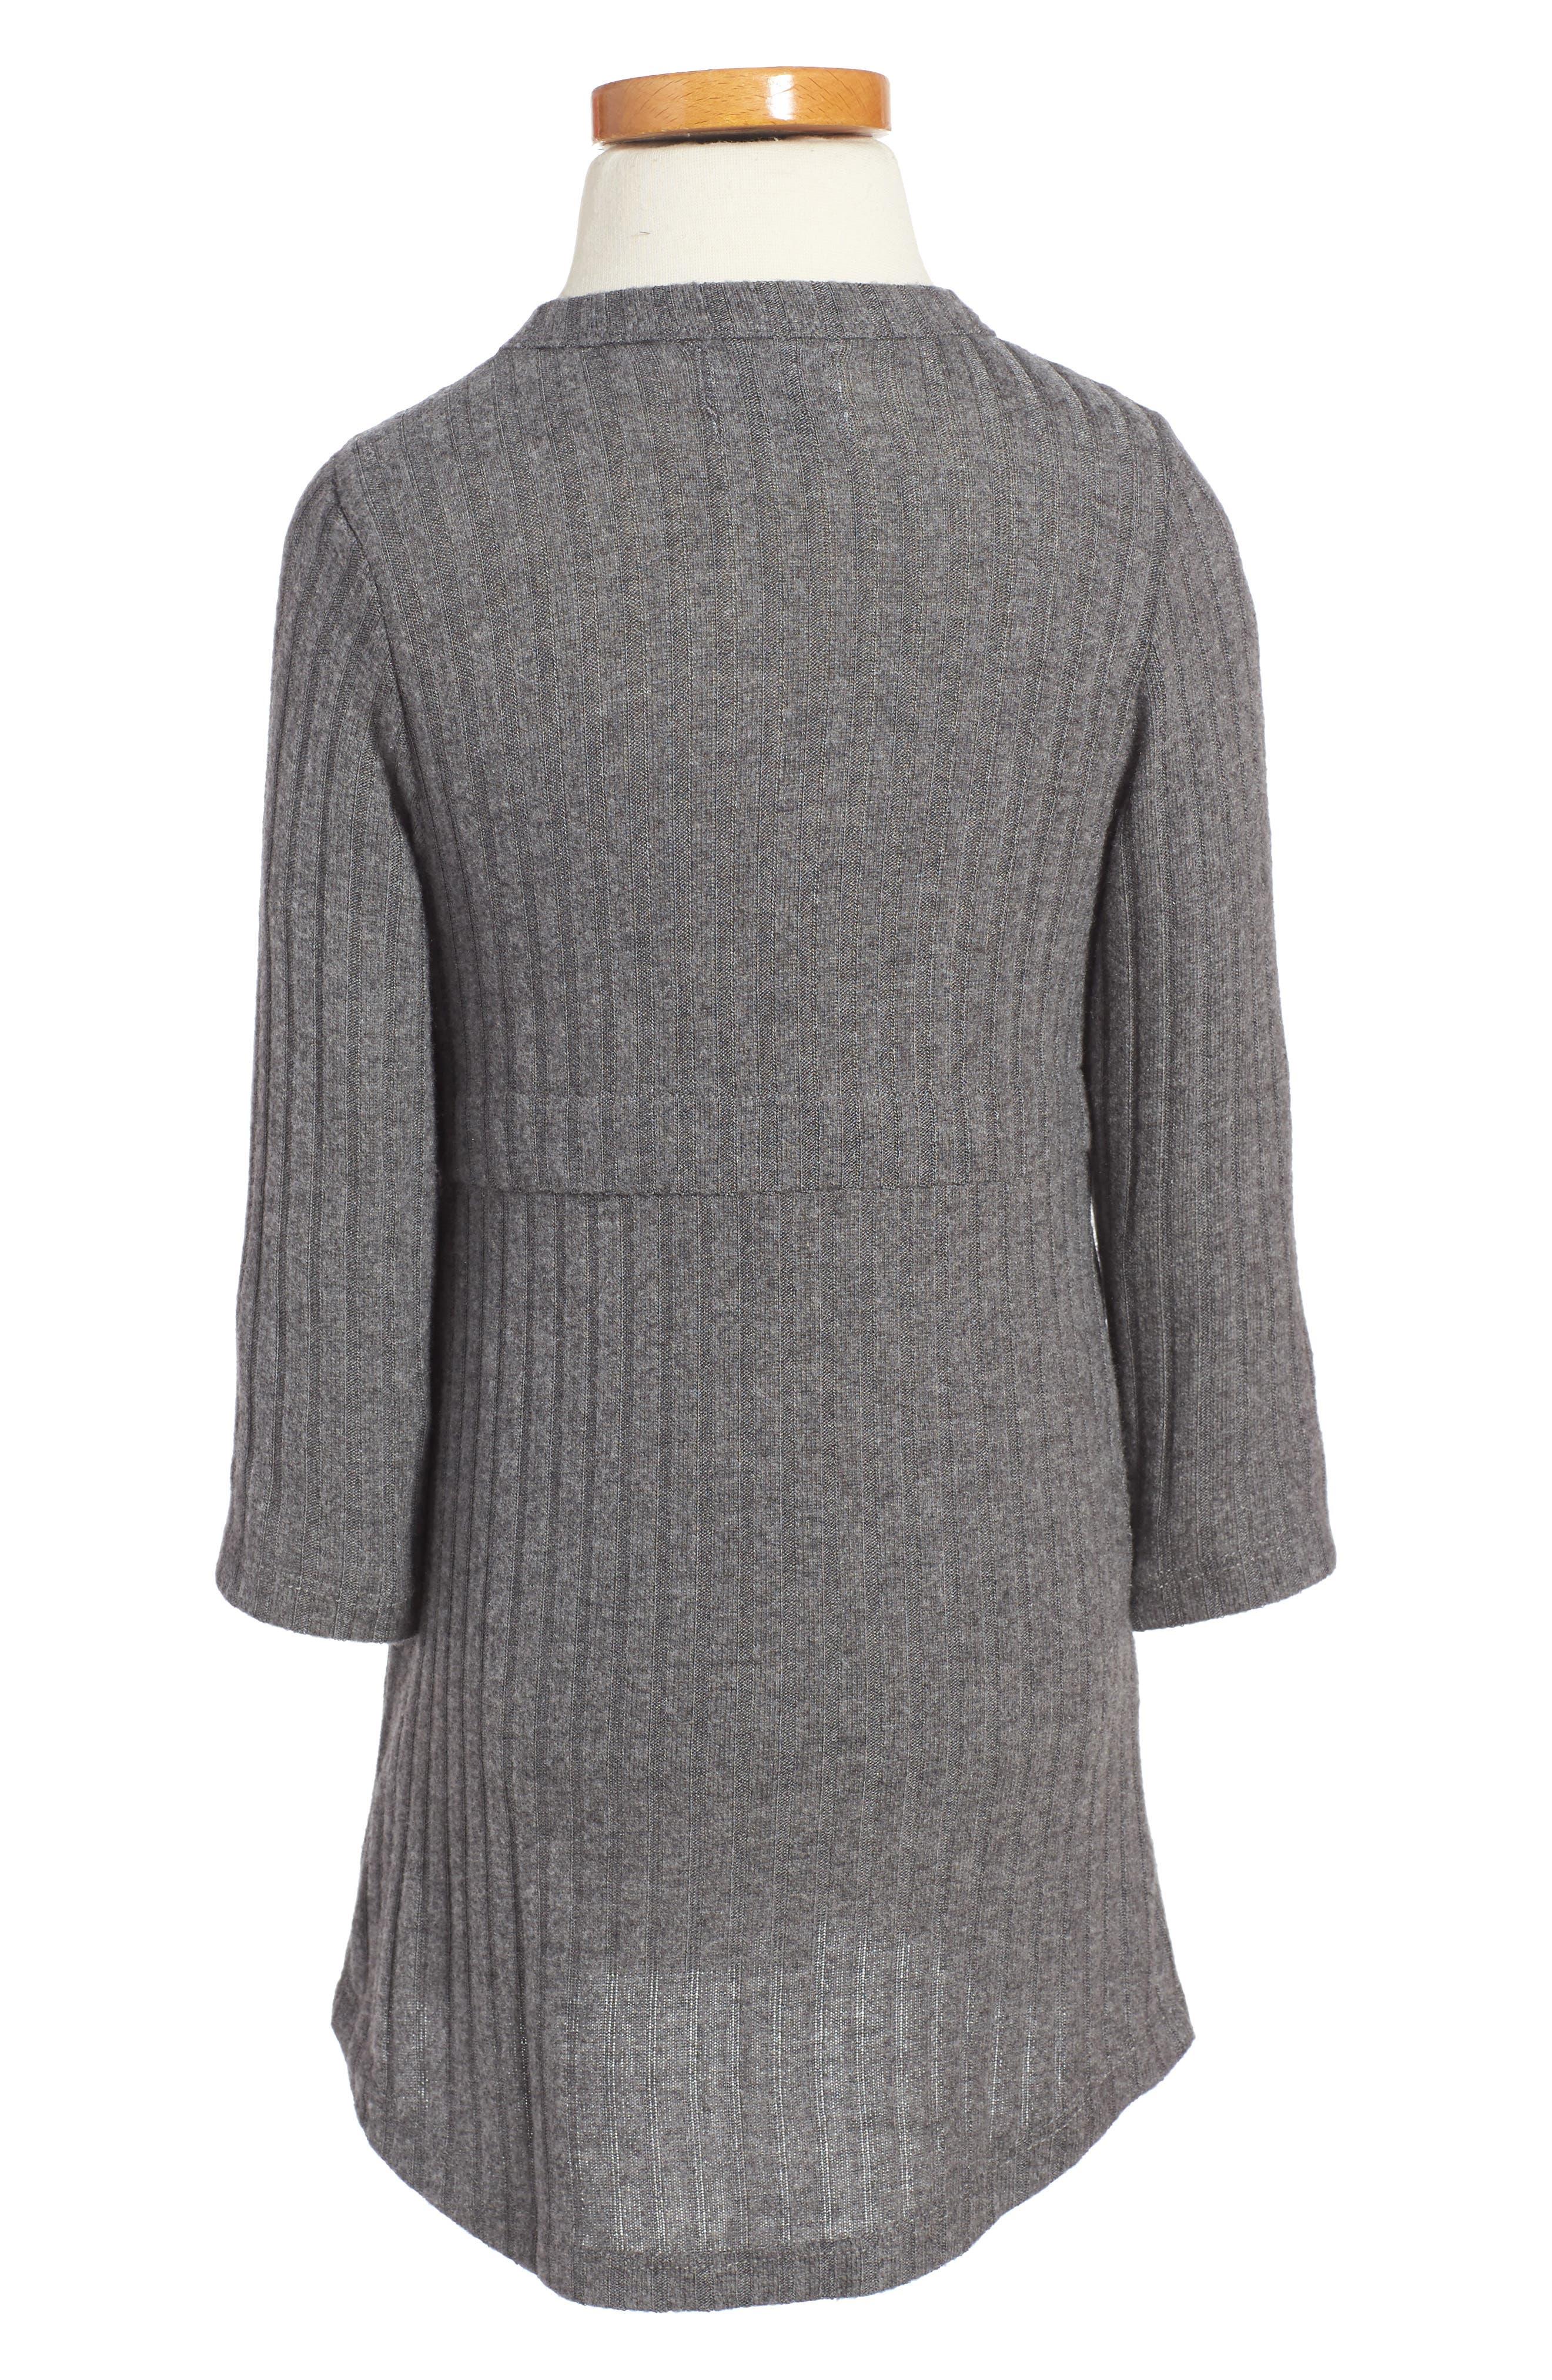 Alternate Image 2  - BERU Ellana Ribbed Sweater Dress (Toddler Girls & Little Girls)